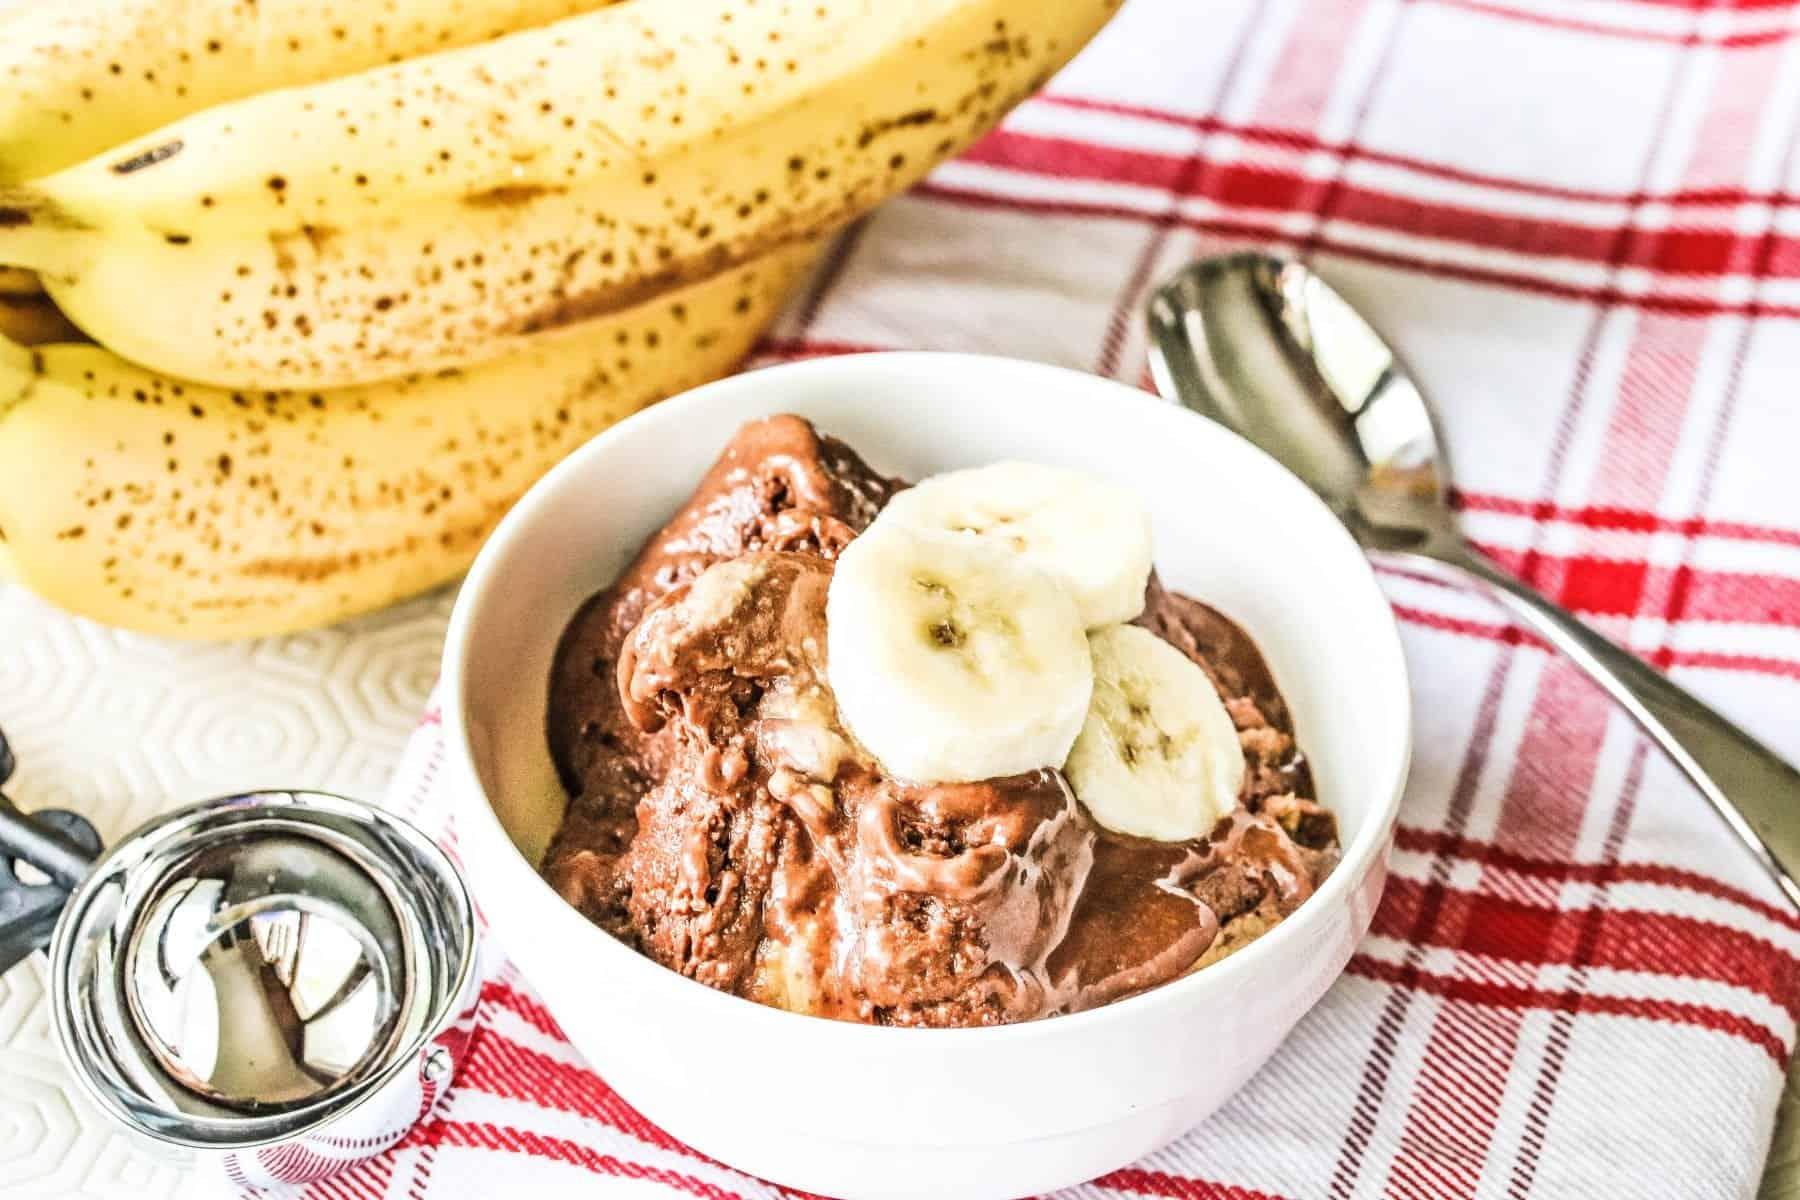 Chocolate Banana Ice Cream Nice Cream